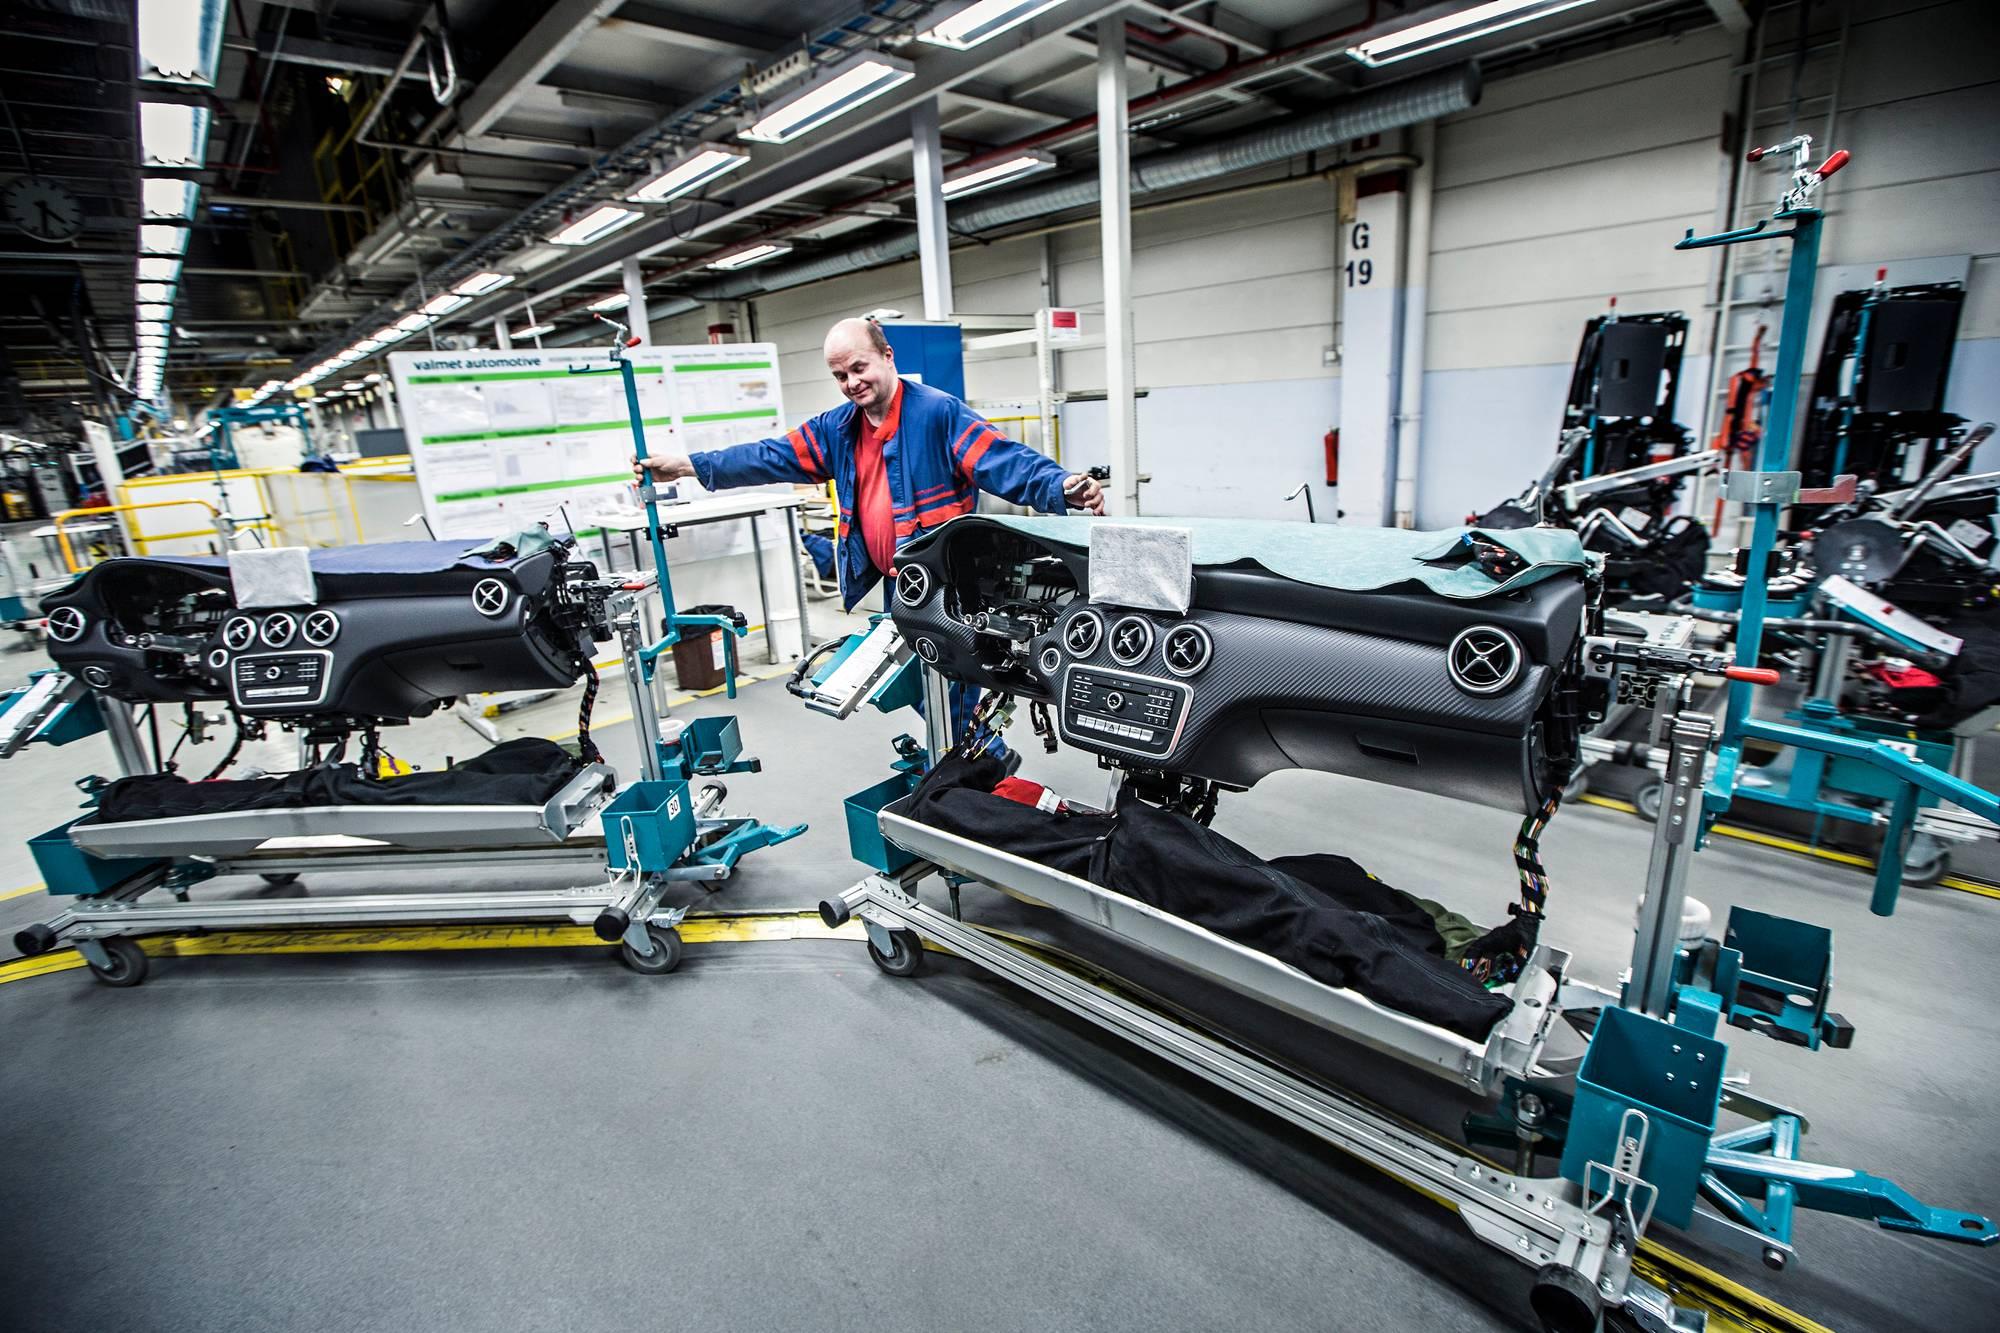 Tehtaalla vuodesta 1985 työskennellyt asentaja Antti Karppi valmistaa kojelautoja esikoonnassa, josta ne viedään kokonaisina paketteina kokoonpanolinjalle autoihin asennettaviksi.